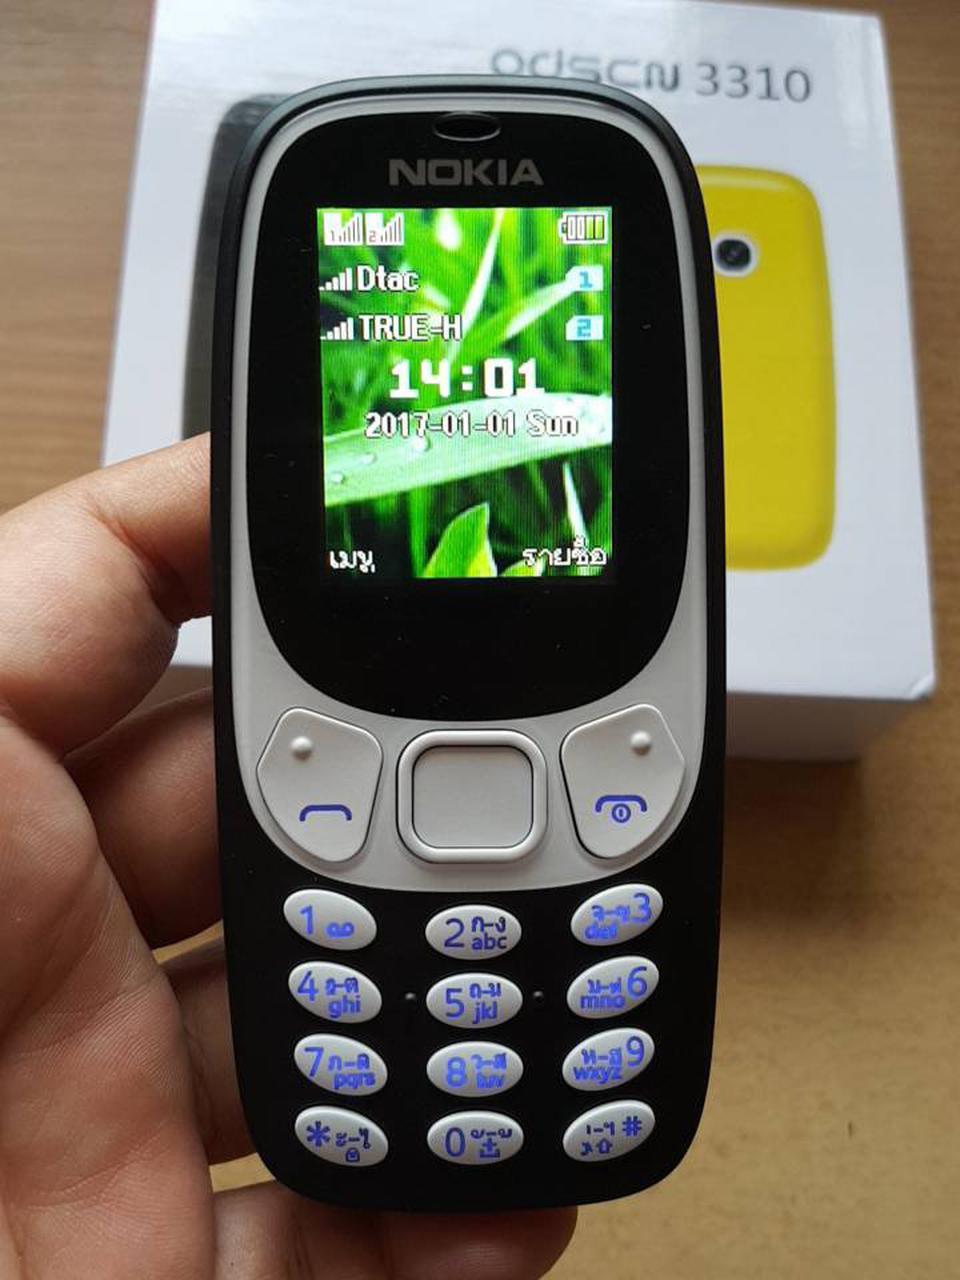 มือถือใหม่ ของแท้ใส่ได้ 2 ซิม มีกล้อง แฟลช MP3 รูปที่ 2